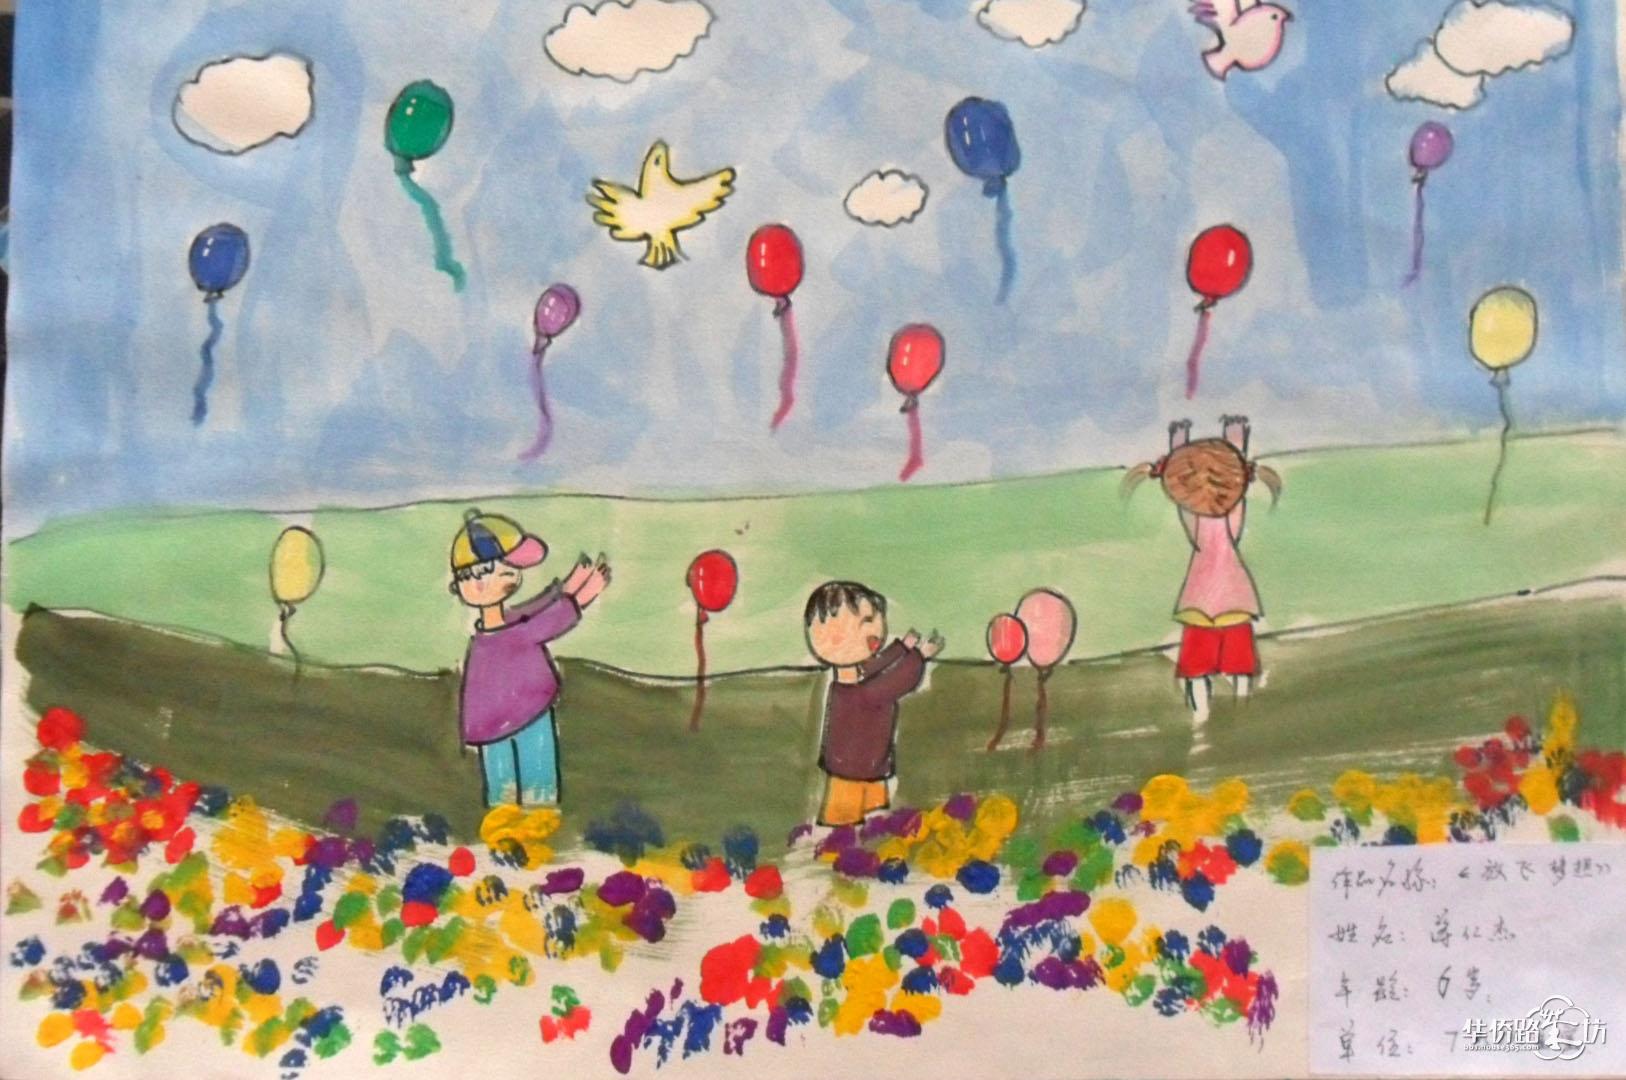 第五届和乐中国;童画中国梦绘画大赛】第